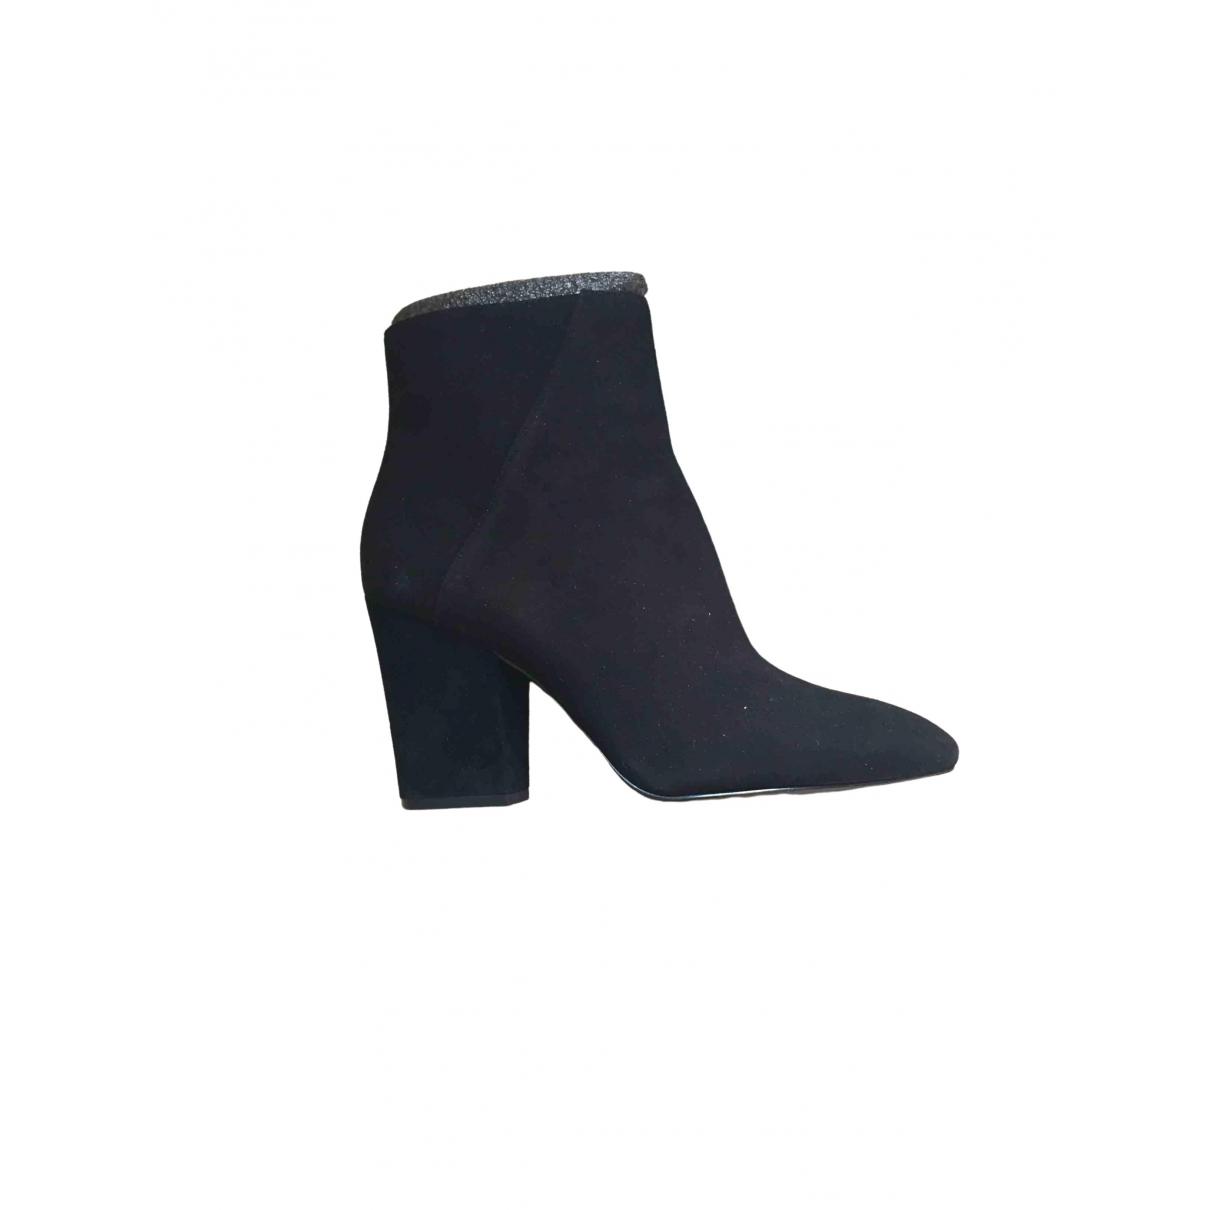 Nine West - Boots   pour femme en cuir - noir